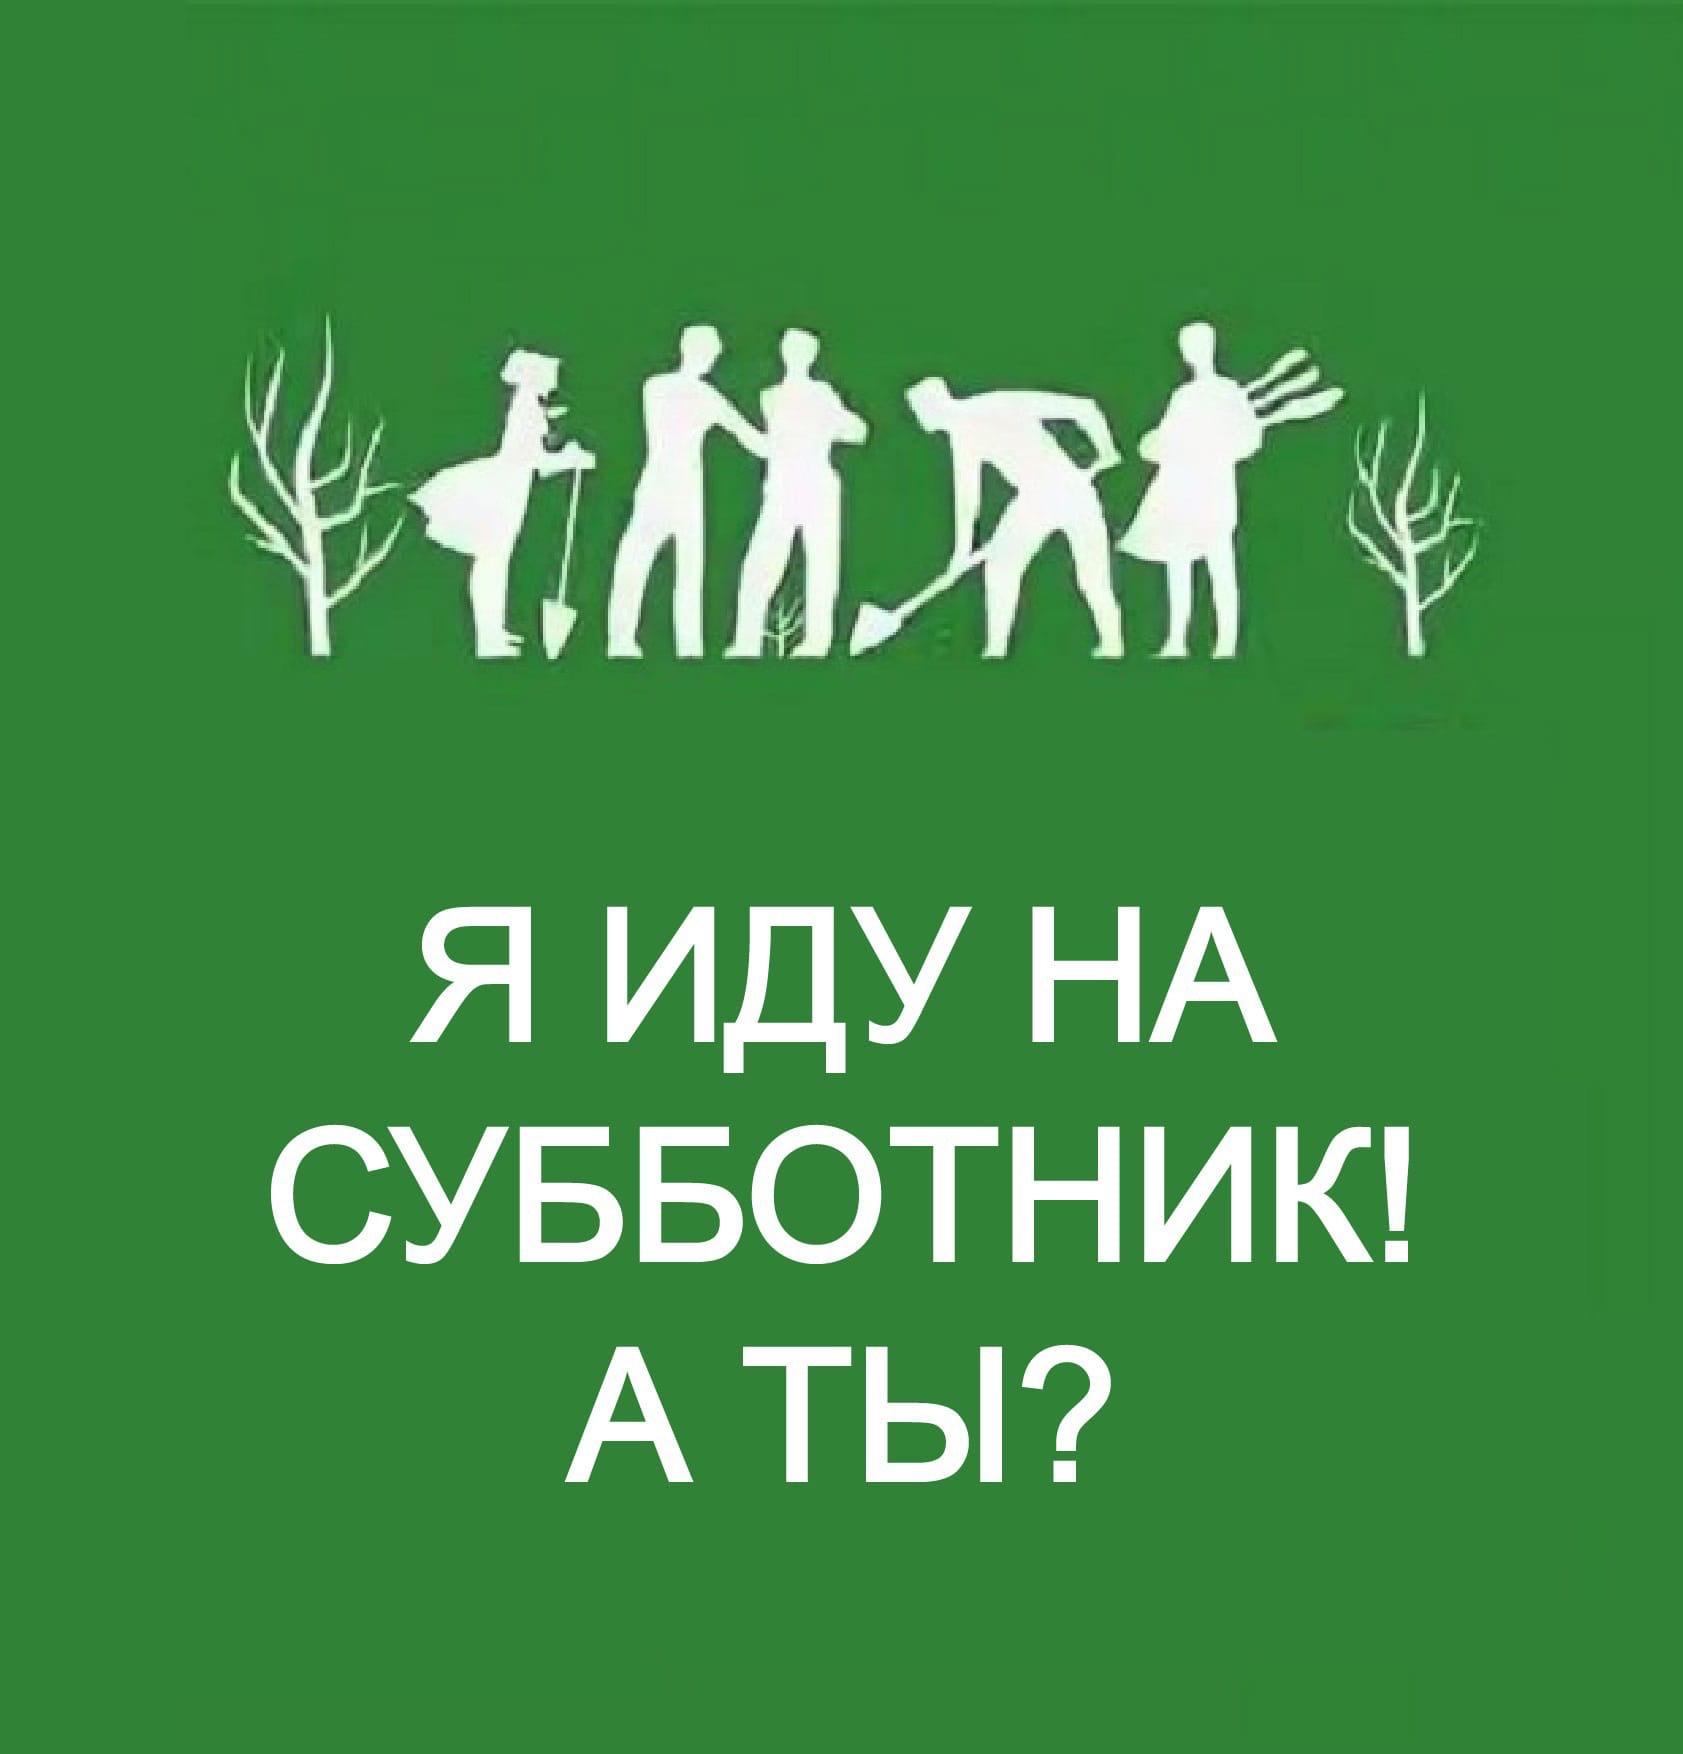 24 апреля пройдёт Всероссийский субботникЖителей Удмуртской республики